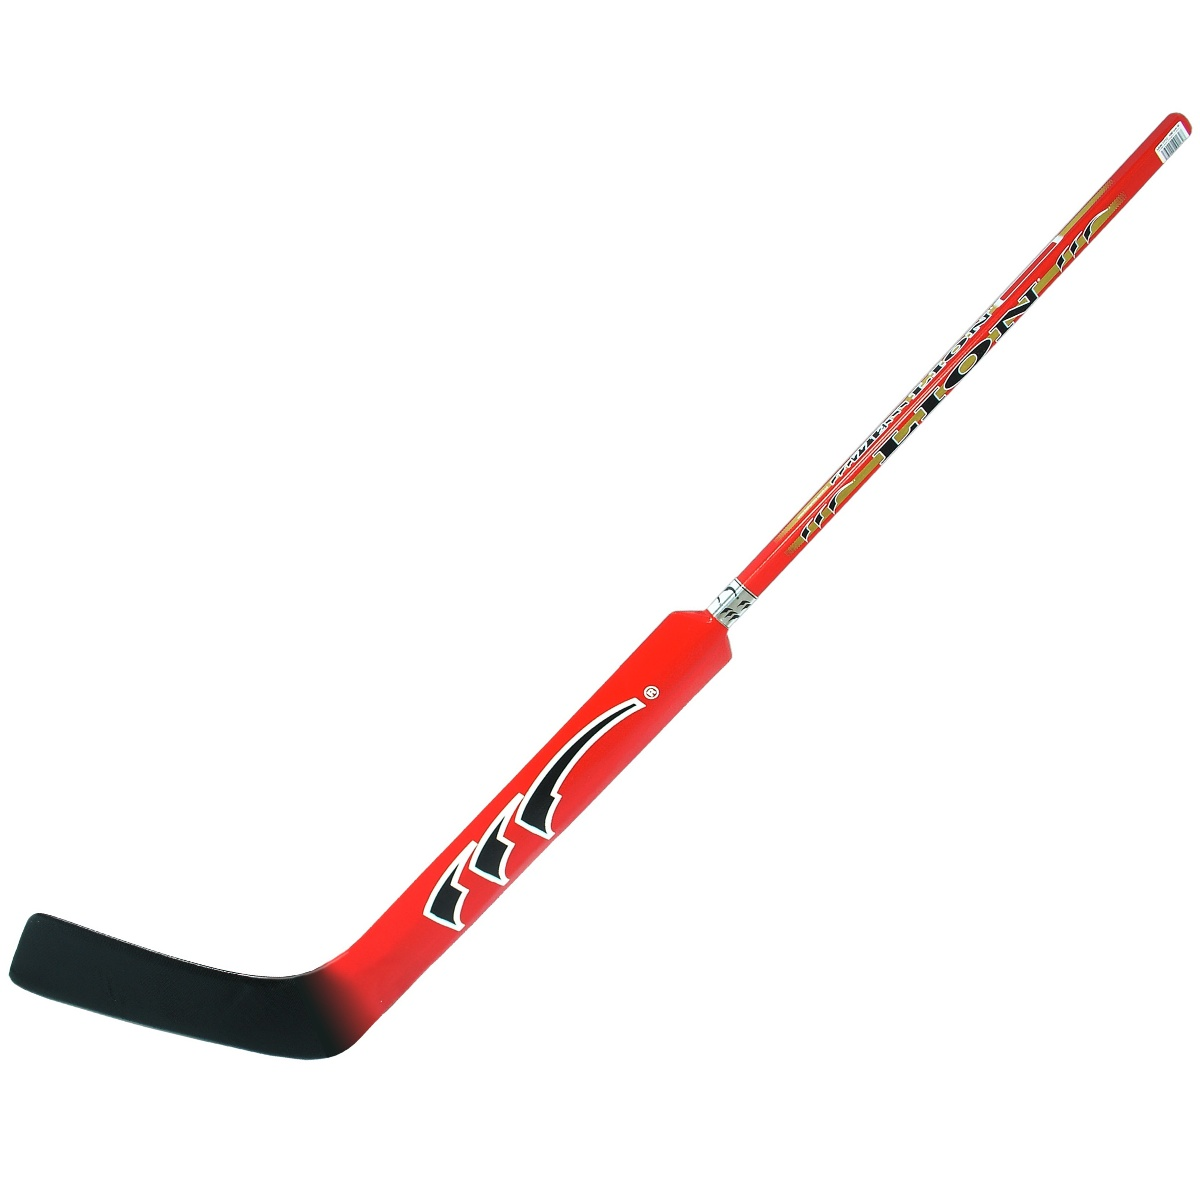 Hokejová hůl brankářská LION 7712 - 100 cm - rovná